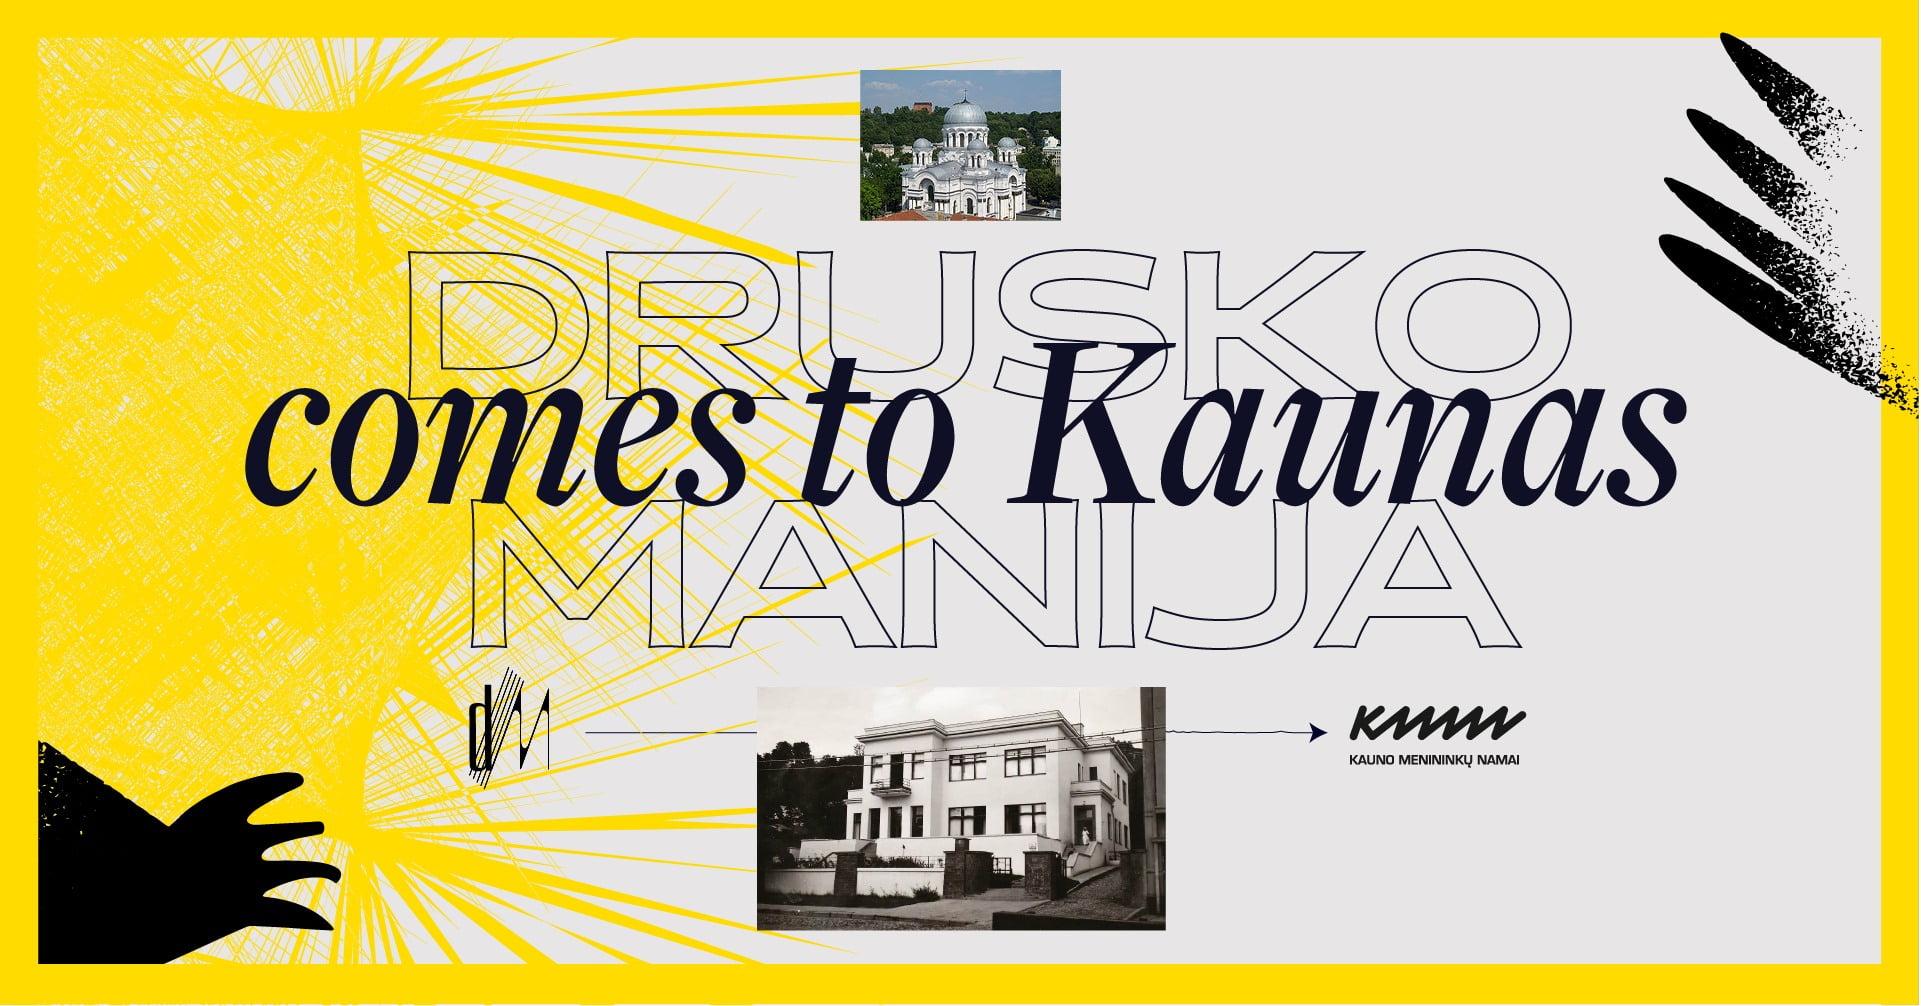 DRUSKOMANIJA comes to Kaunas. Intro